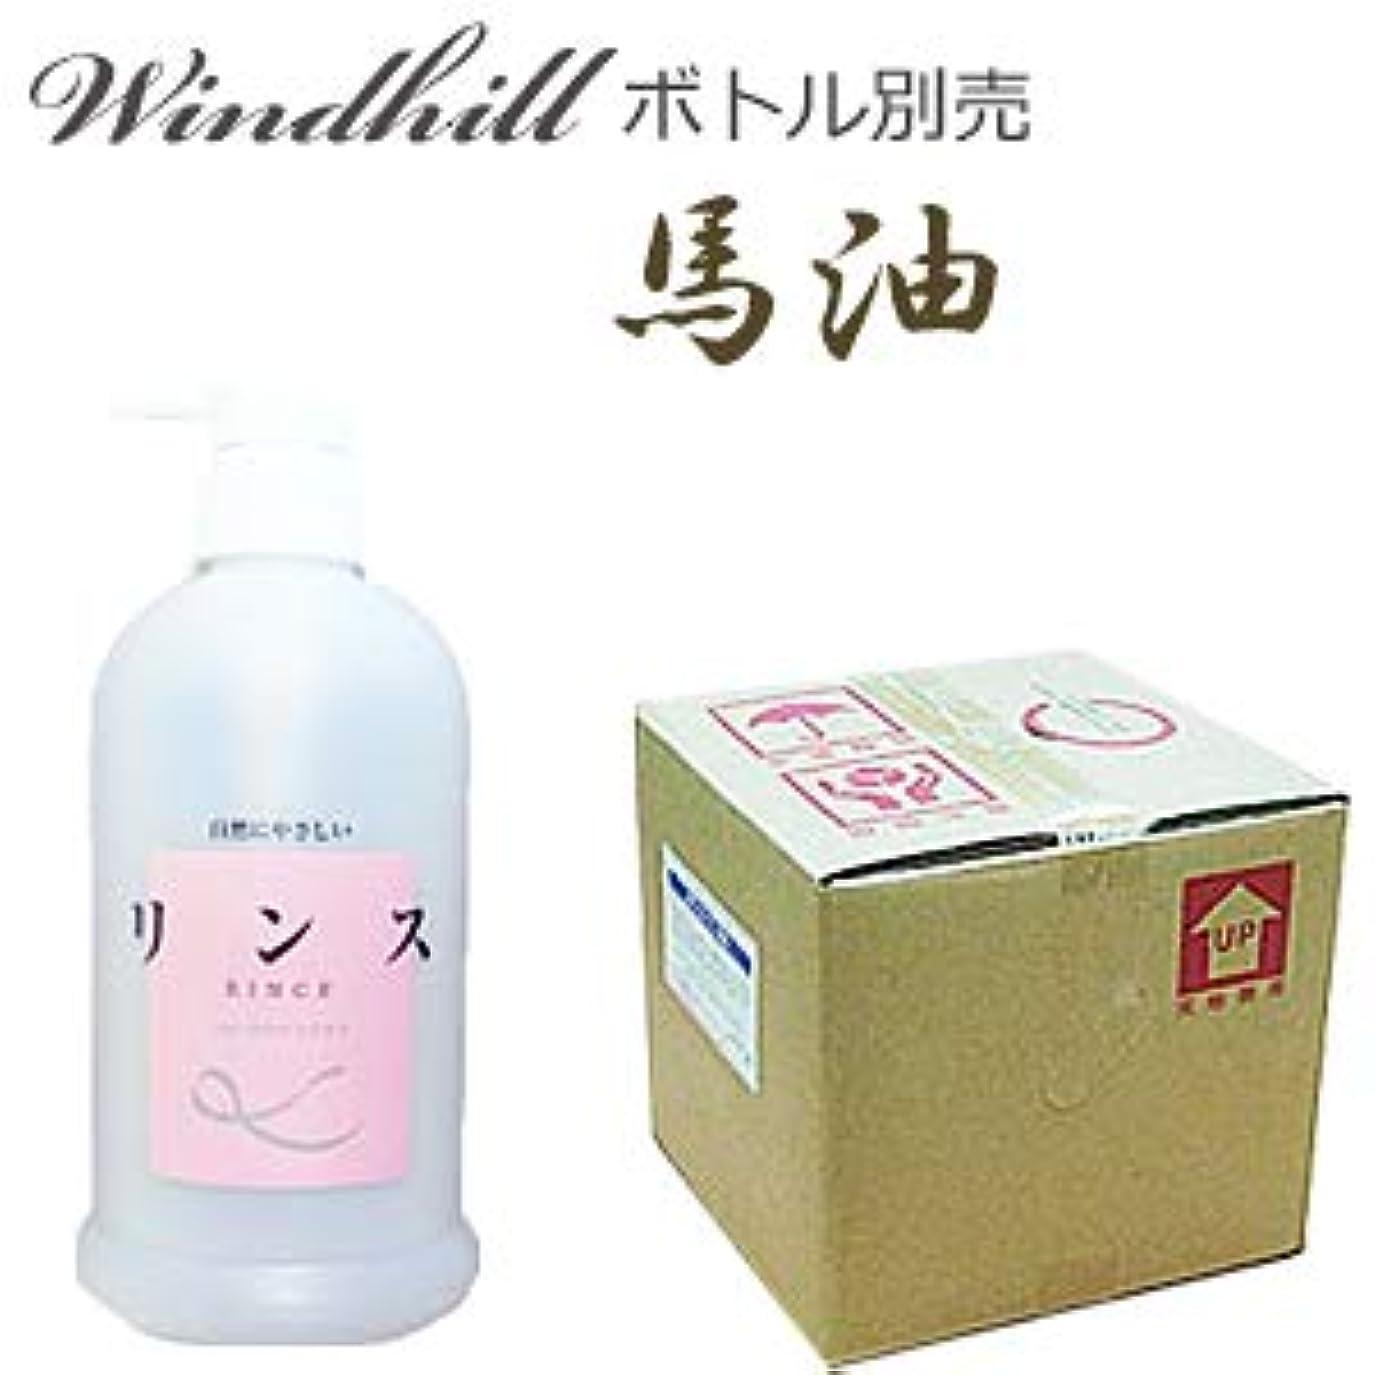 なんと! 500ml当り190円 Windhill 馬油 業務用 リンス  フローラルの香り 20L